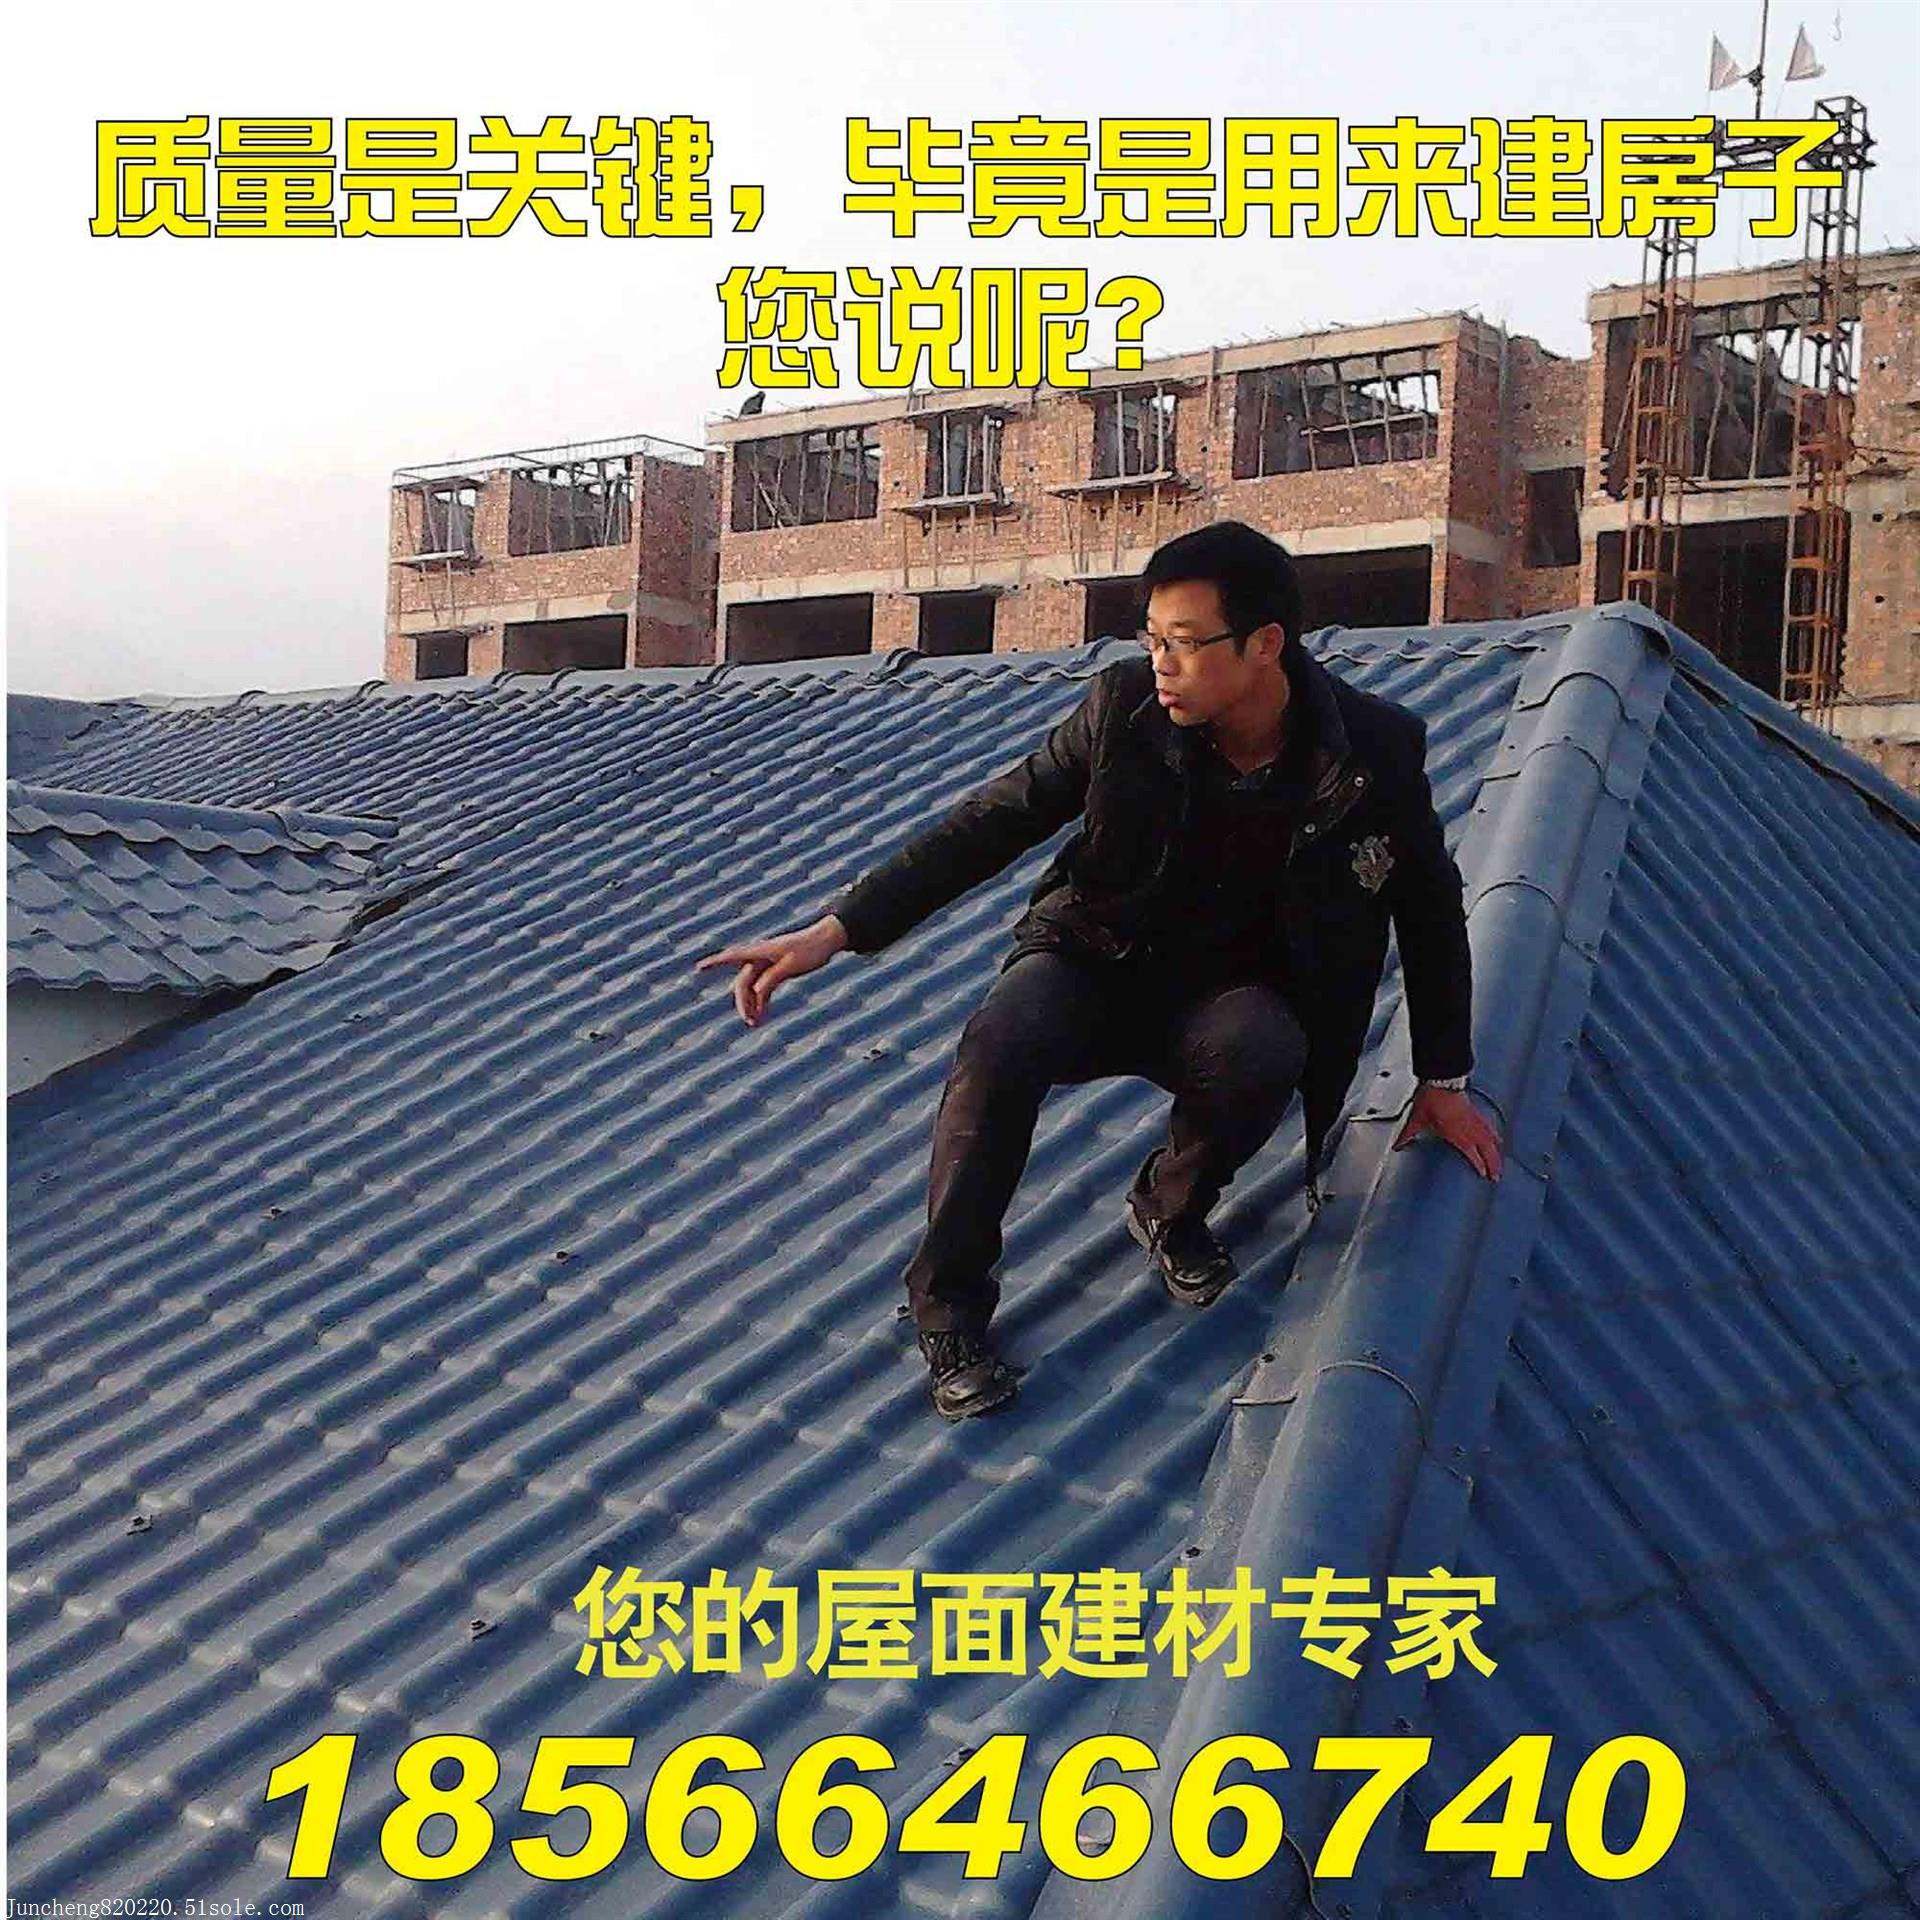 中式琉璃瓦 坡屋顶建筑瓦 广东厂家直销优质合成树脂瓦